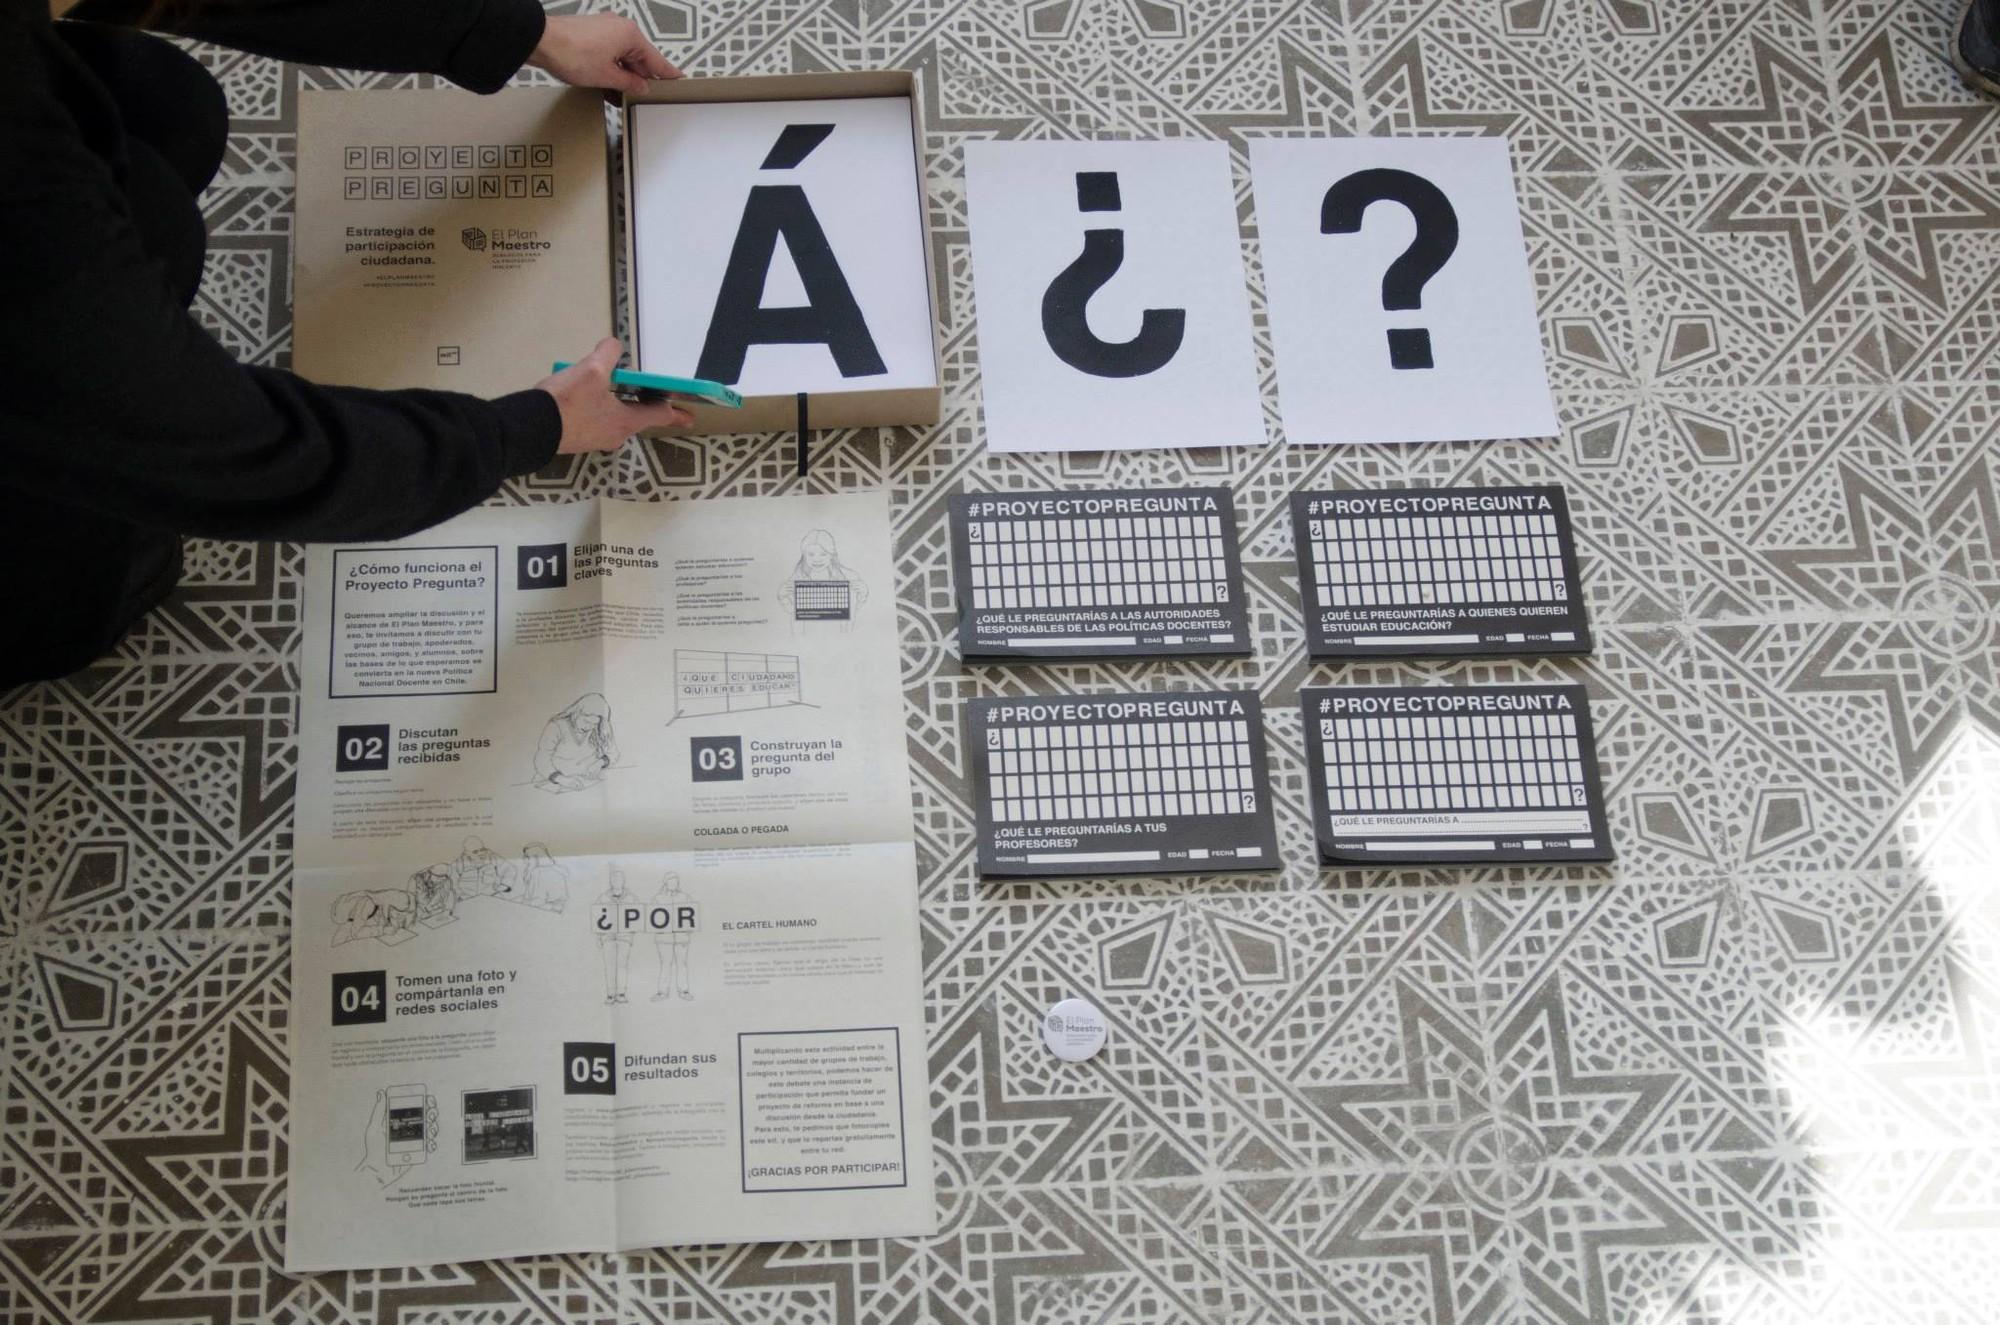 Proyecto Pregunta para Elige Educar. Image Cortesia de Mil M2